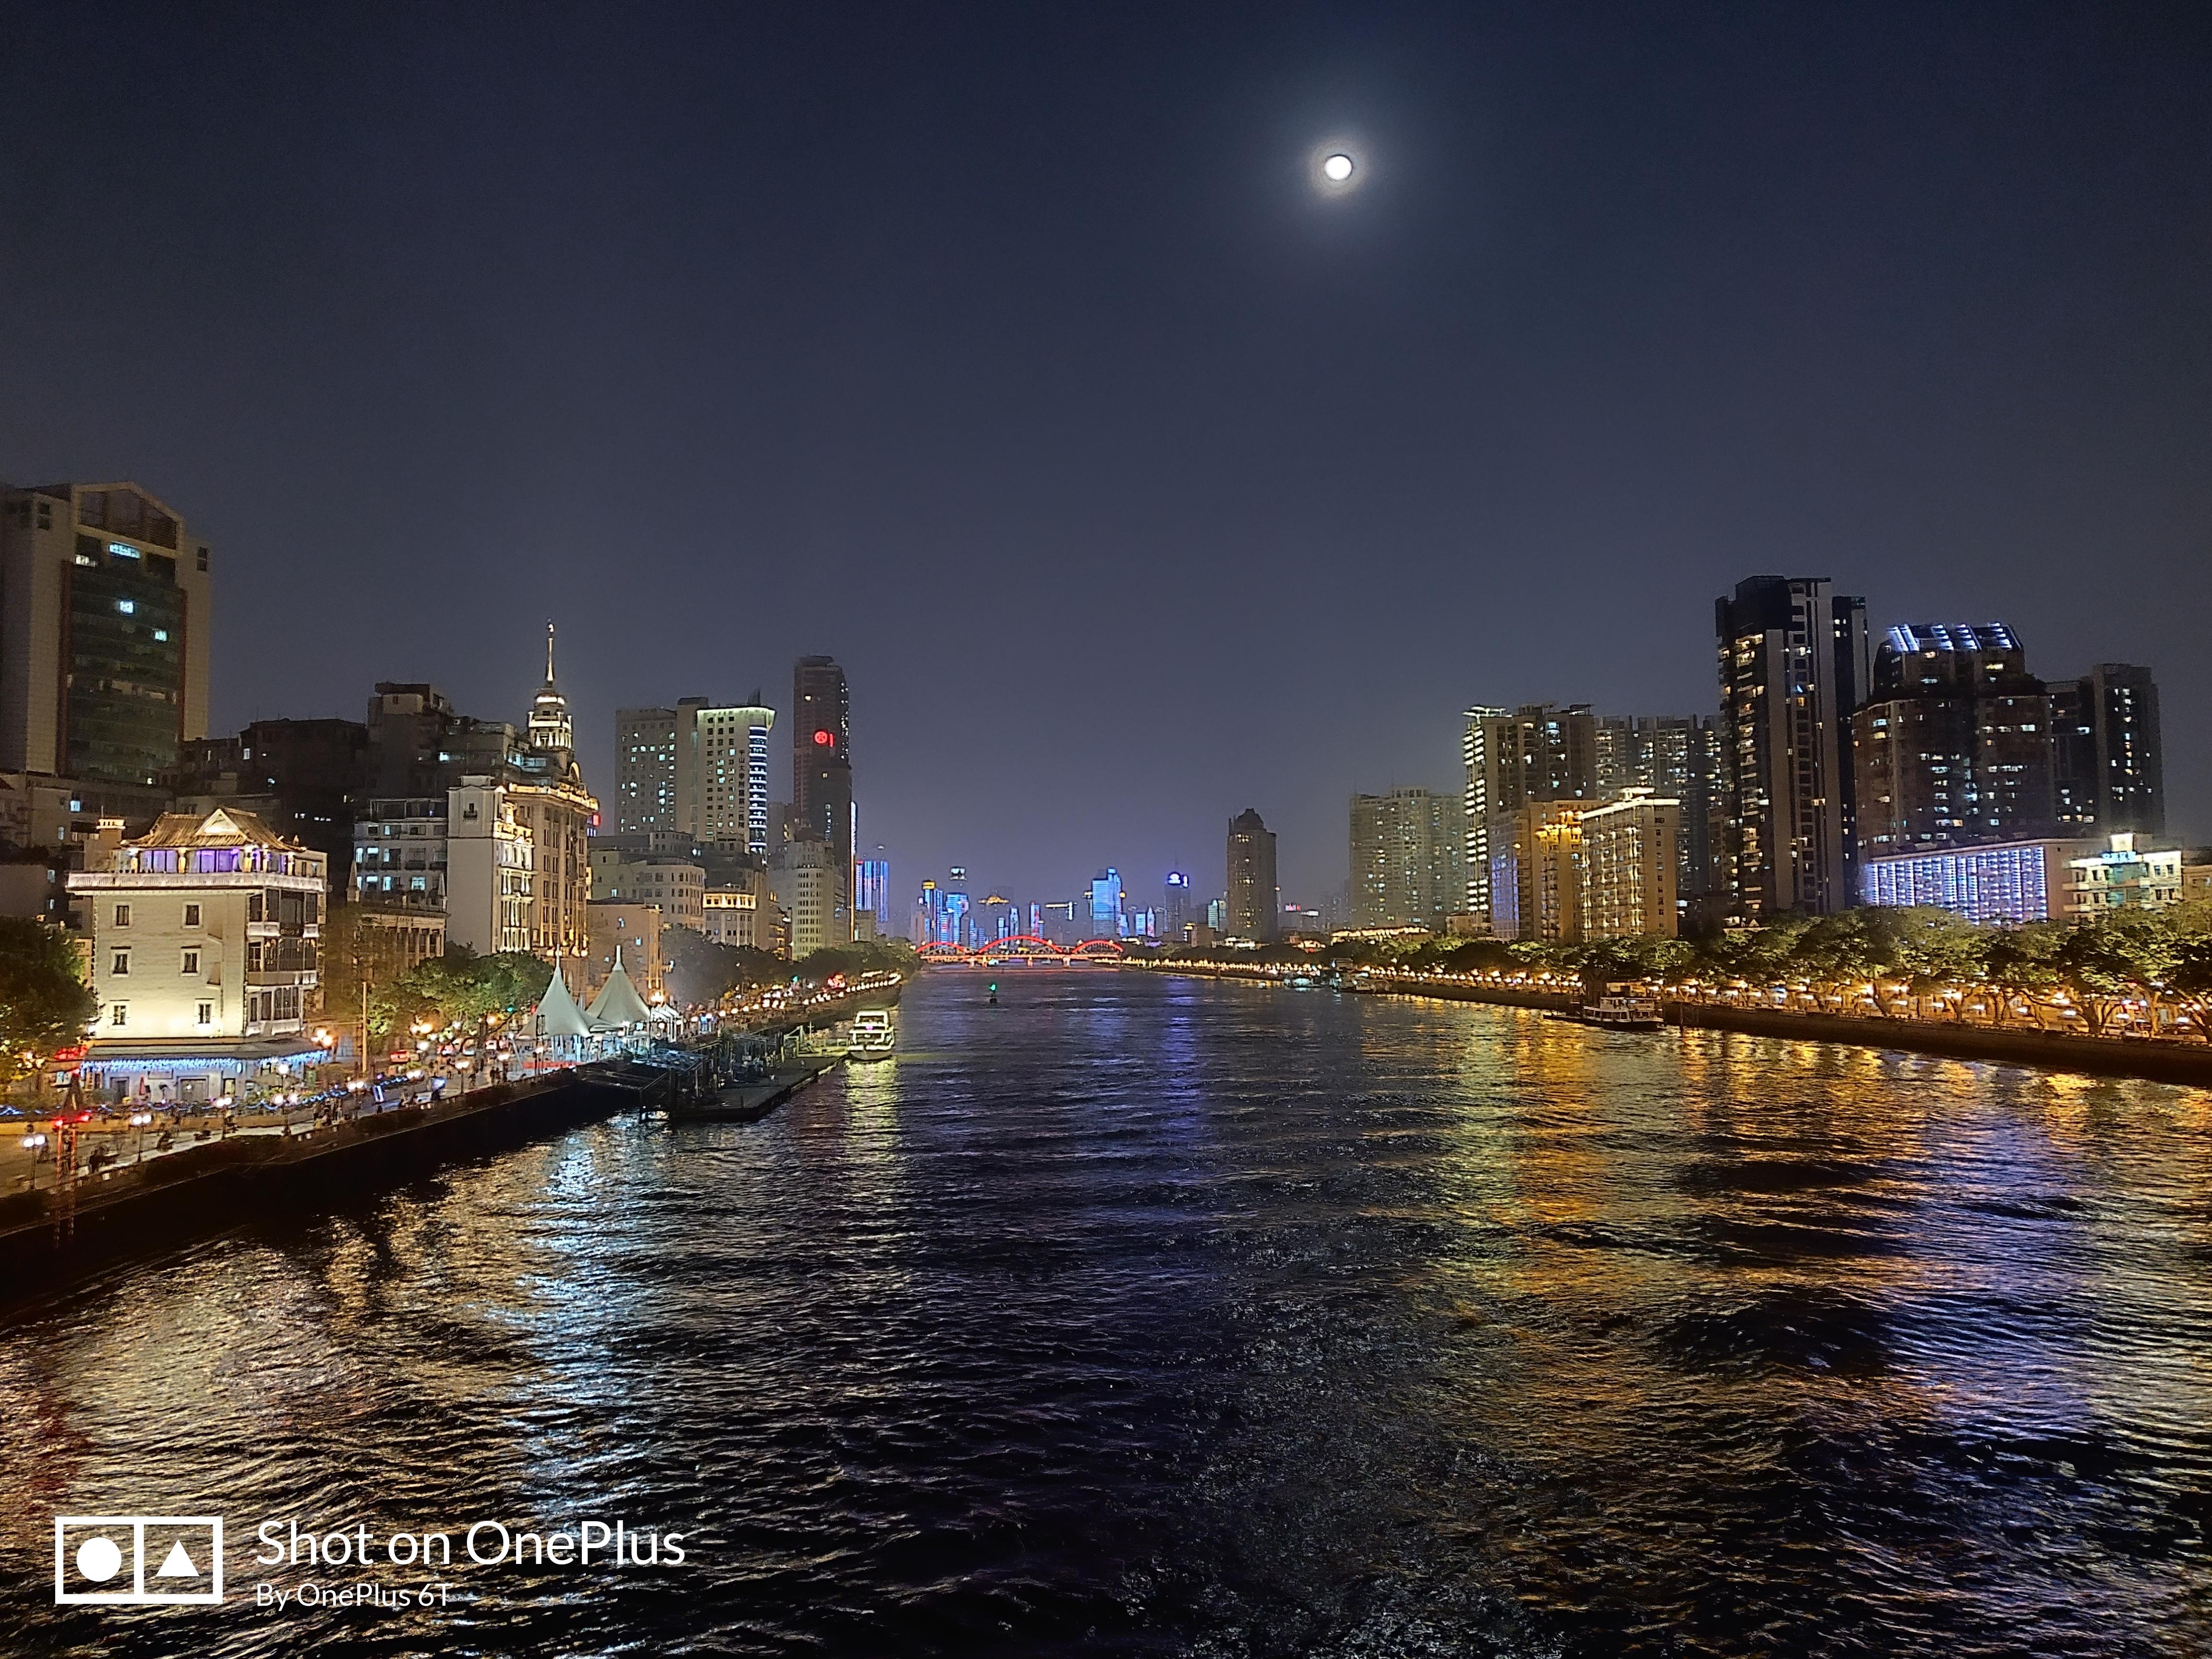 一加6T/iPhone Xs拍照样张对比:超级夜景模式